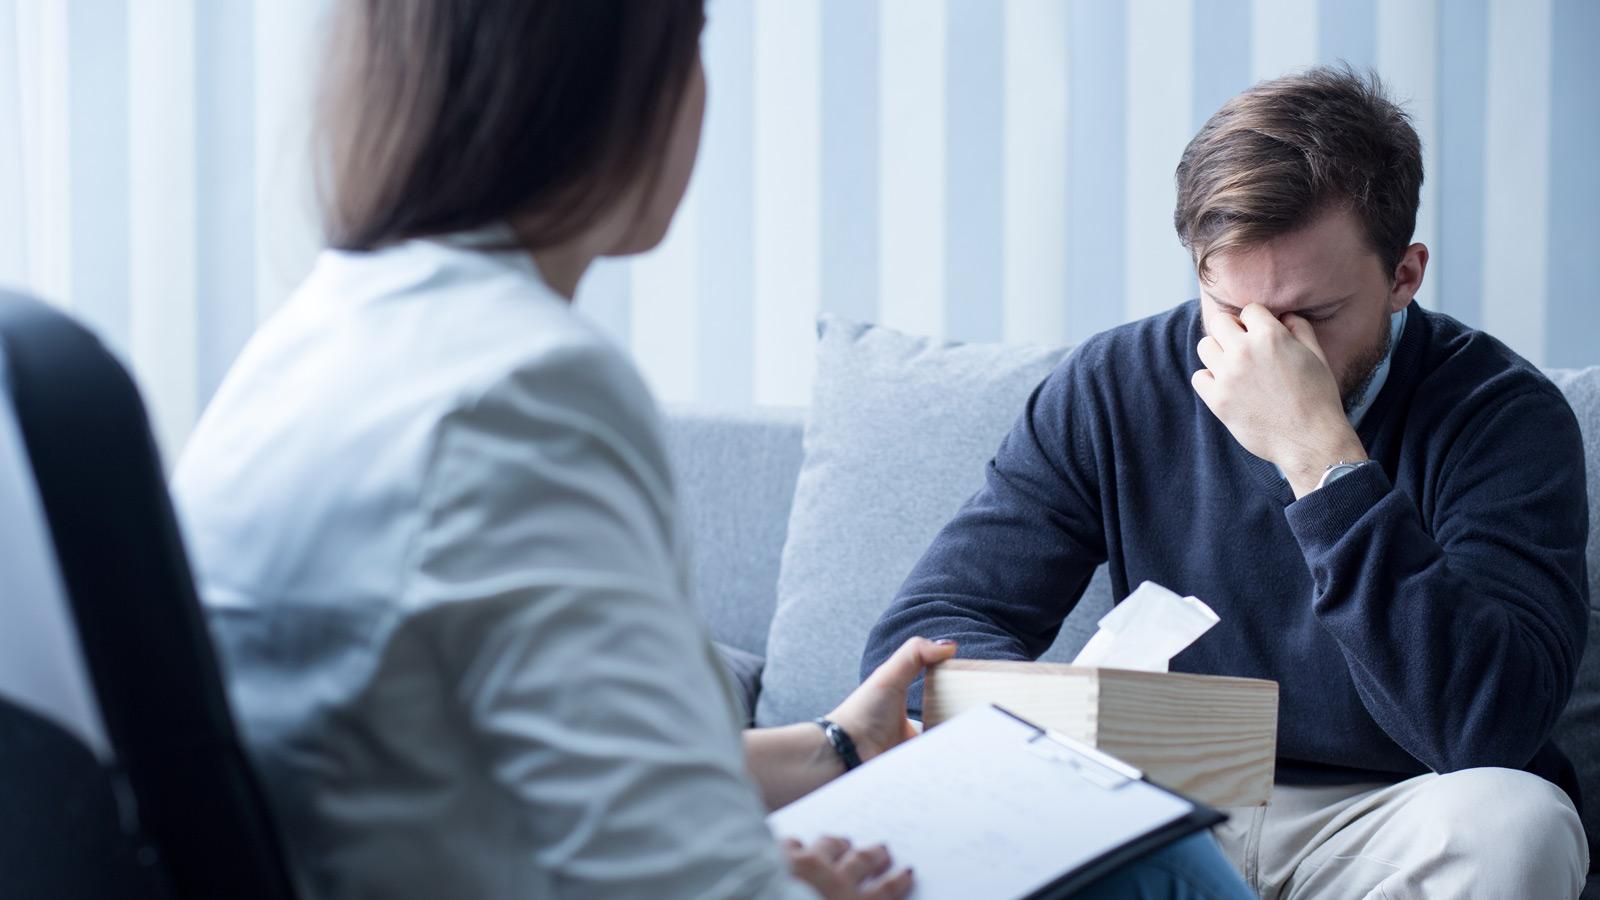 No site da Ordem dos Psicólogos é possível pesquisar os psicólogos pelo nome, por forma a saber se estão acreditados por aquela entidade.